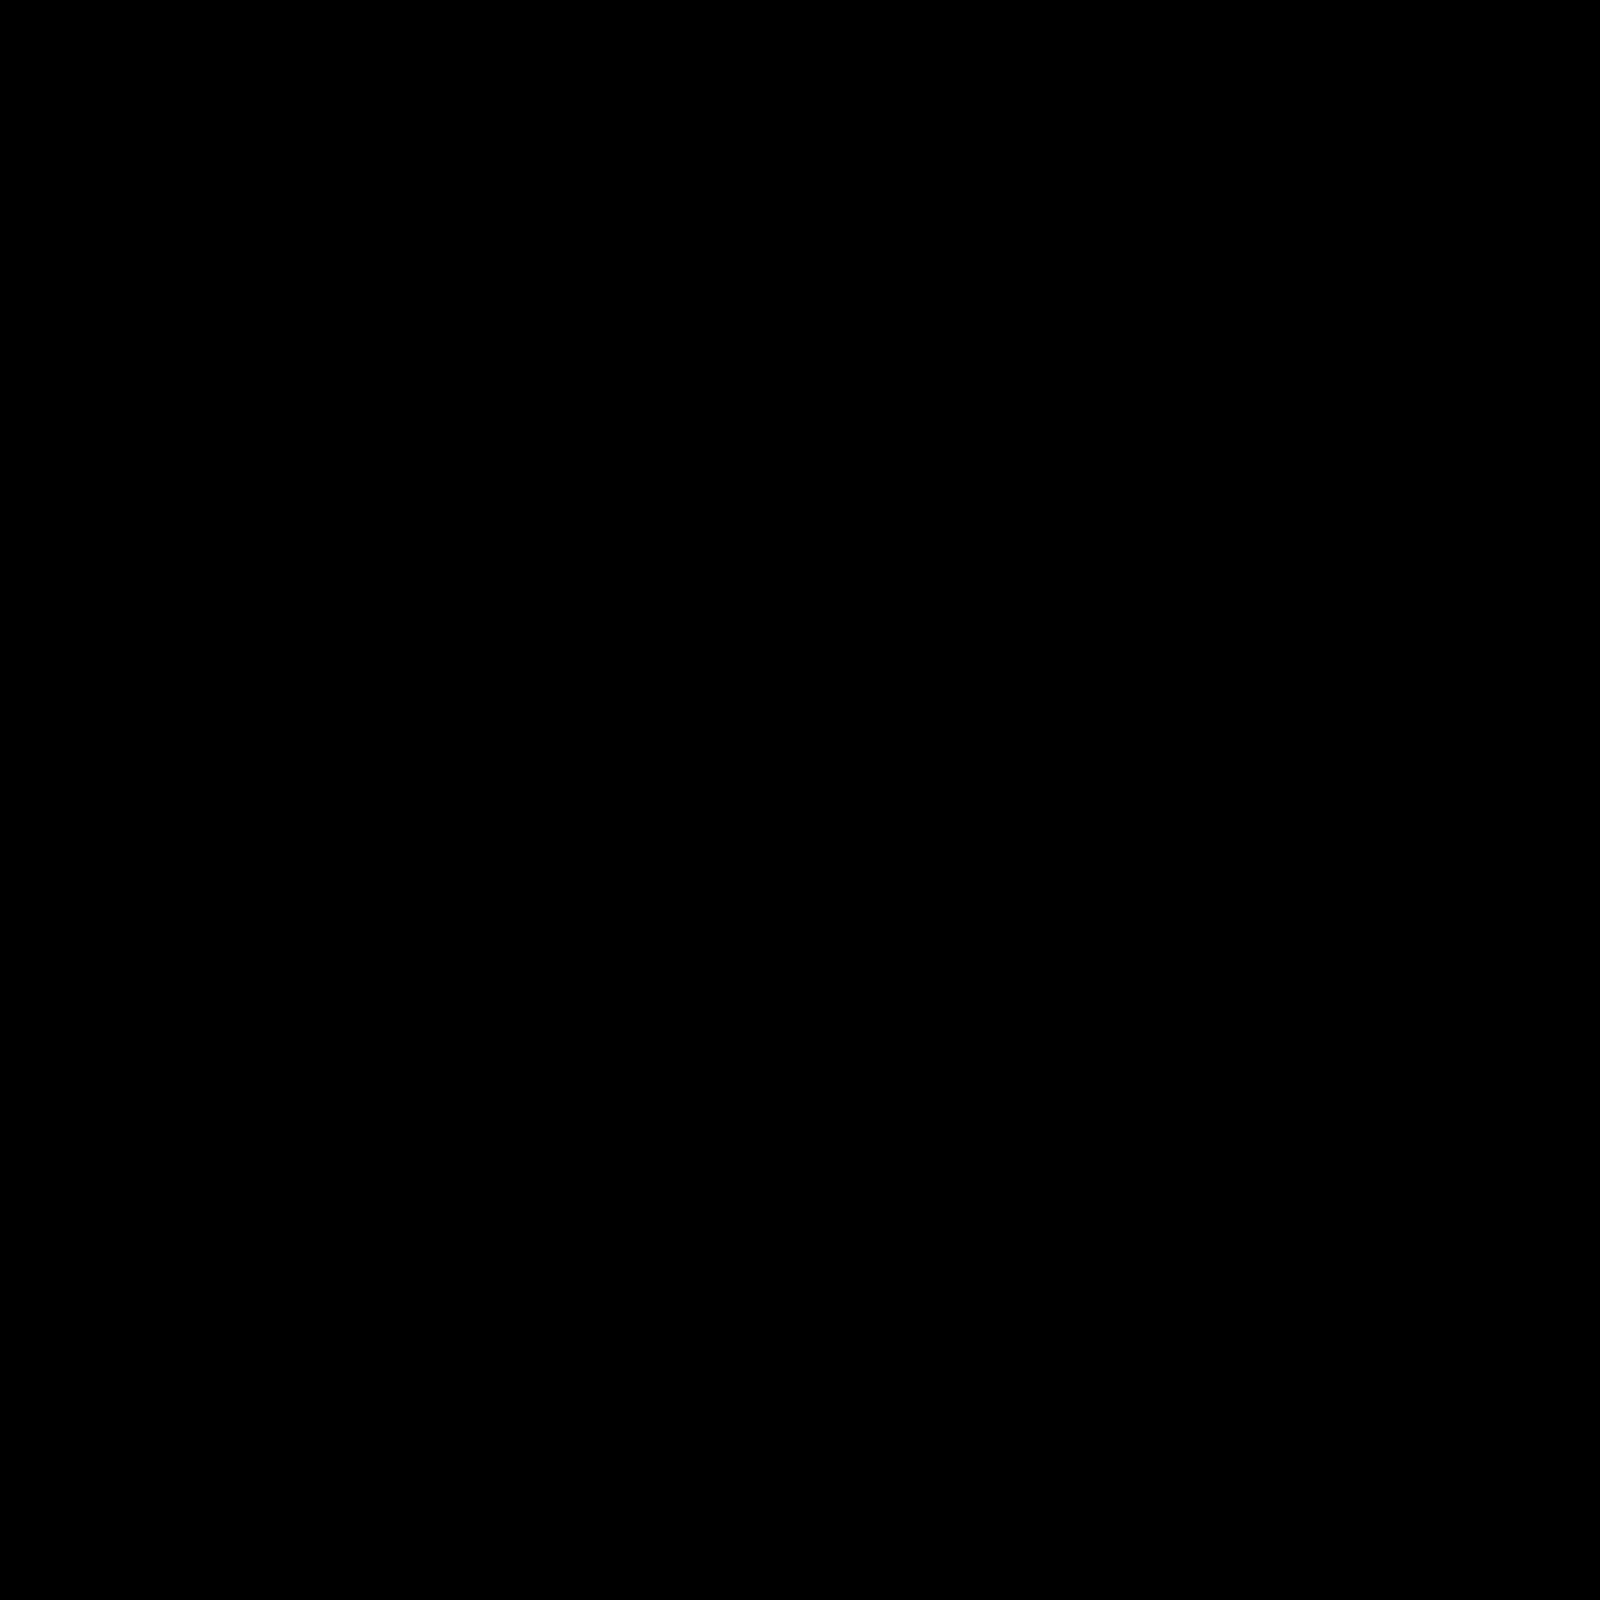 Configuración de overscan icon